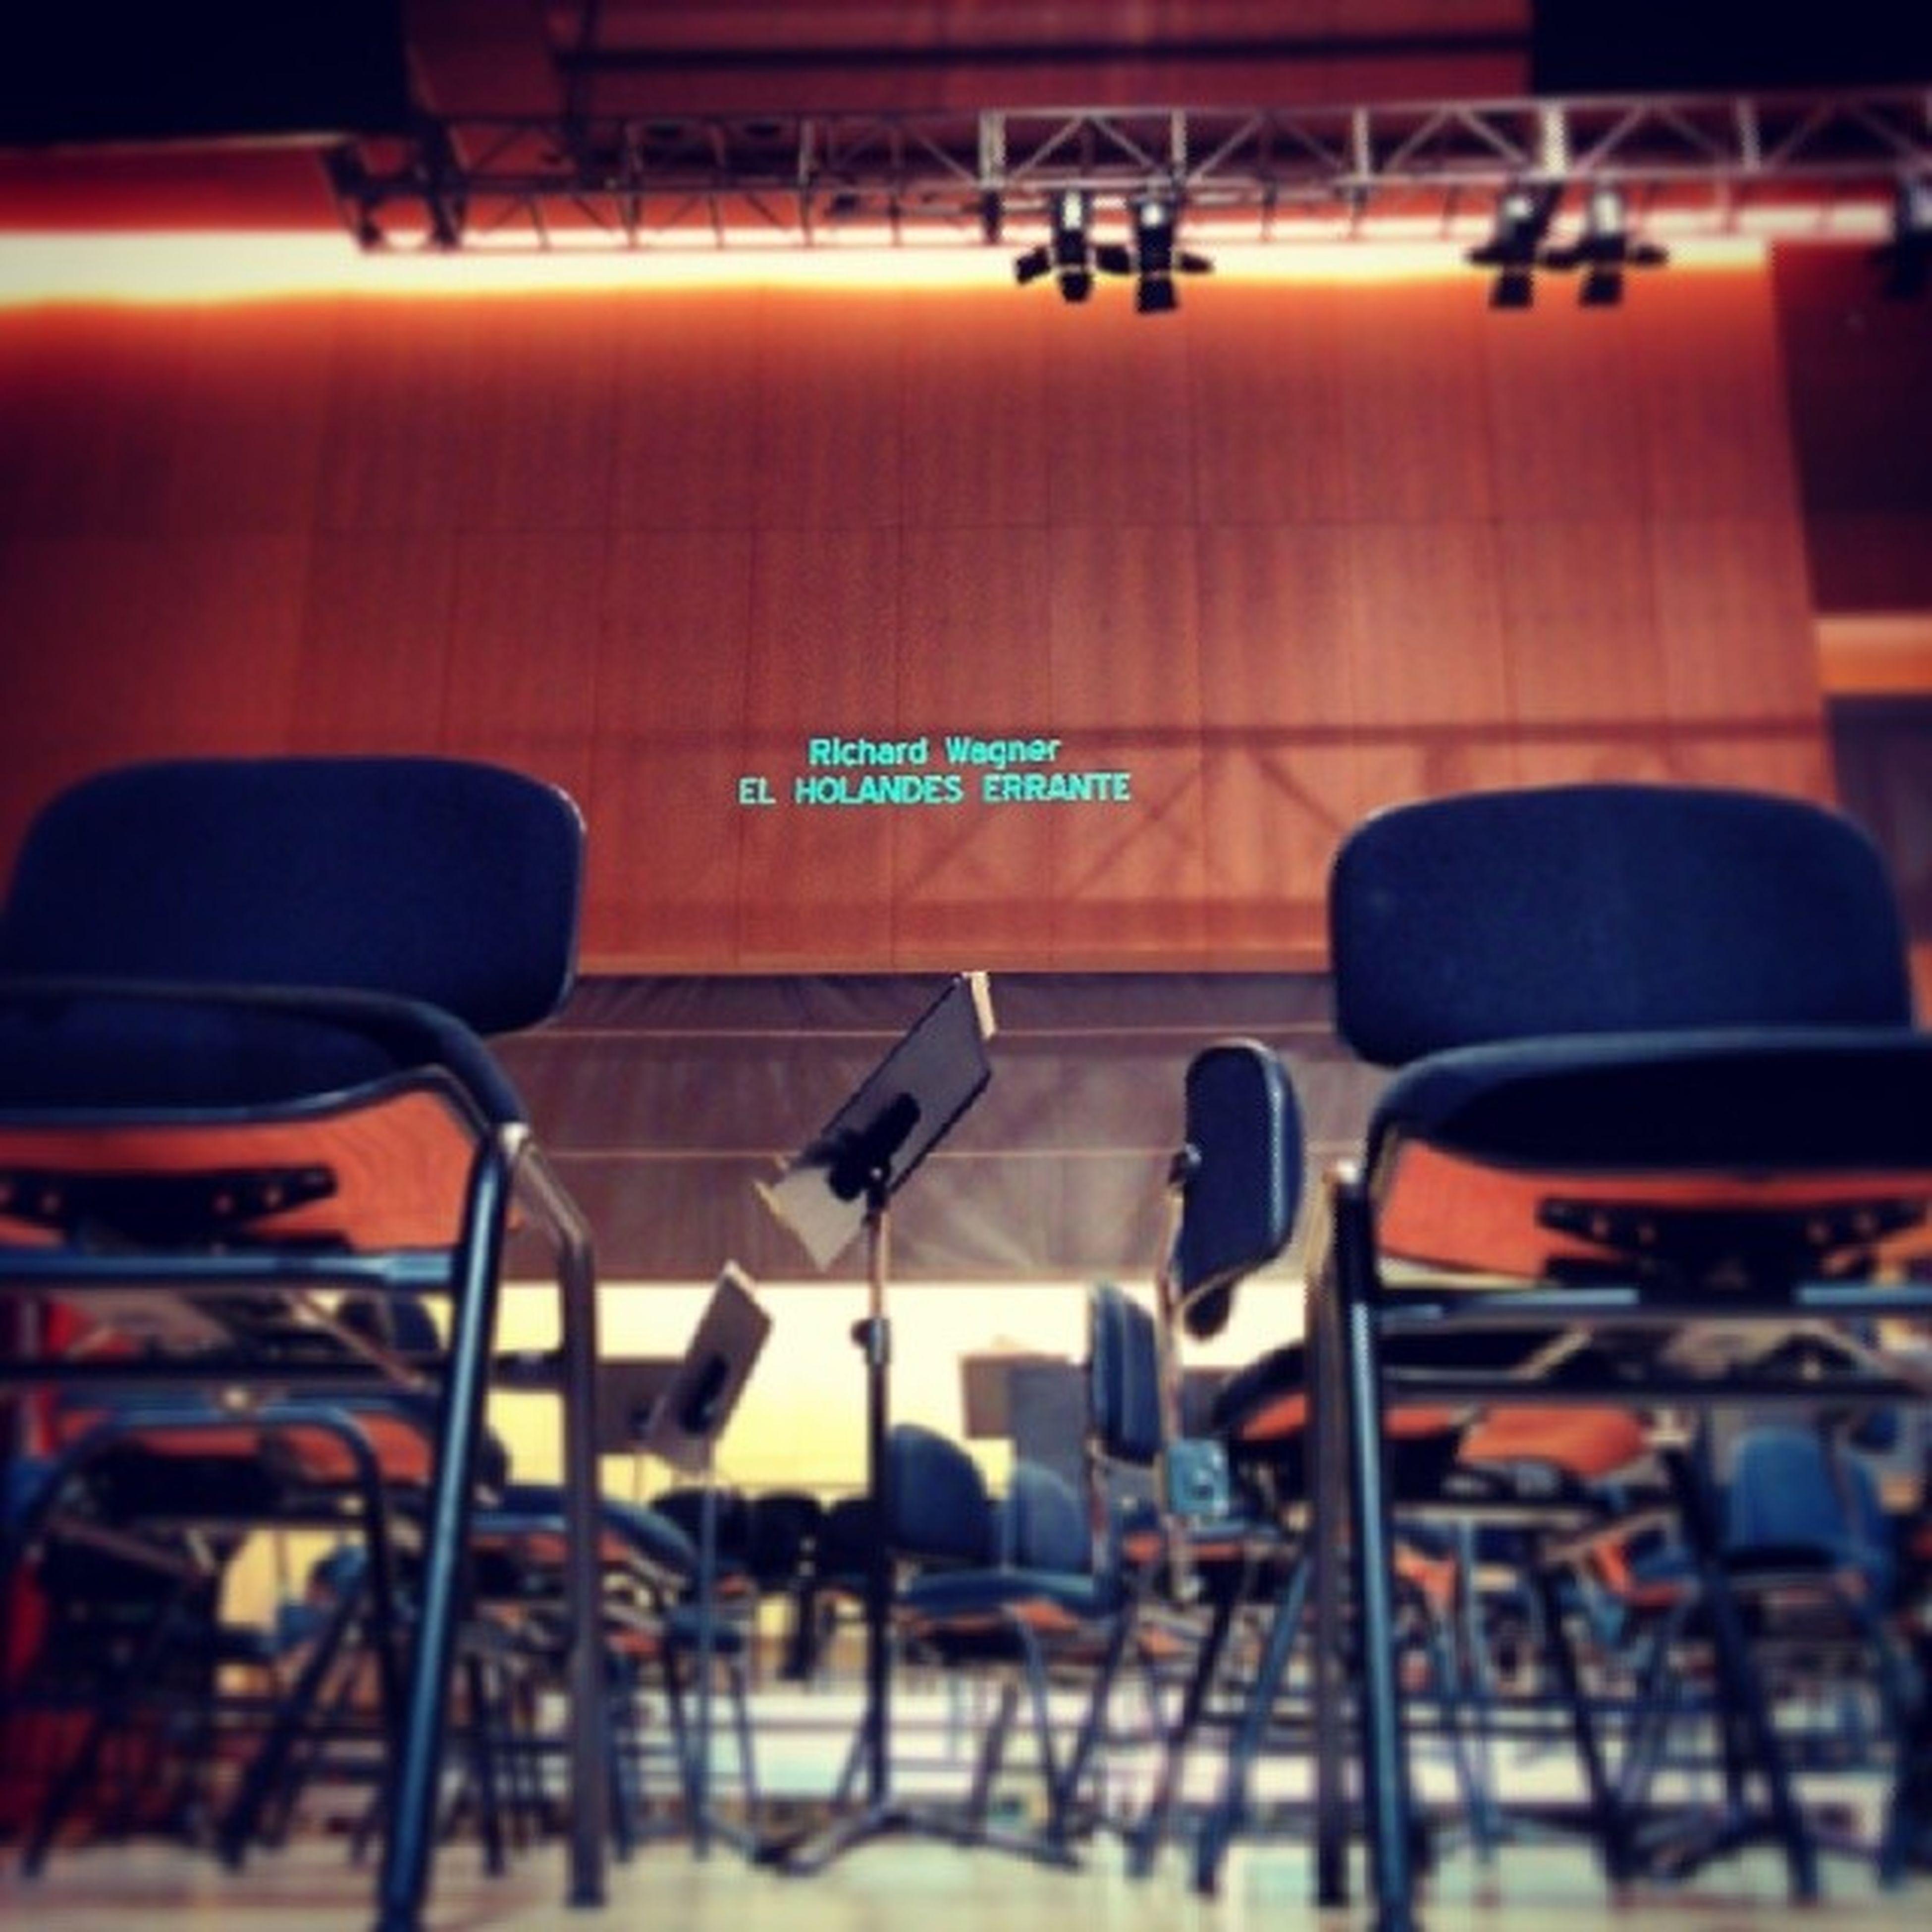 Estamos preparados, la función va a comenzar muy pronto! Auditorio Castellón Holandés Errante